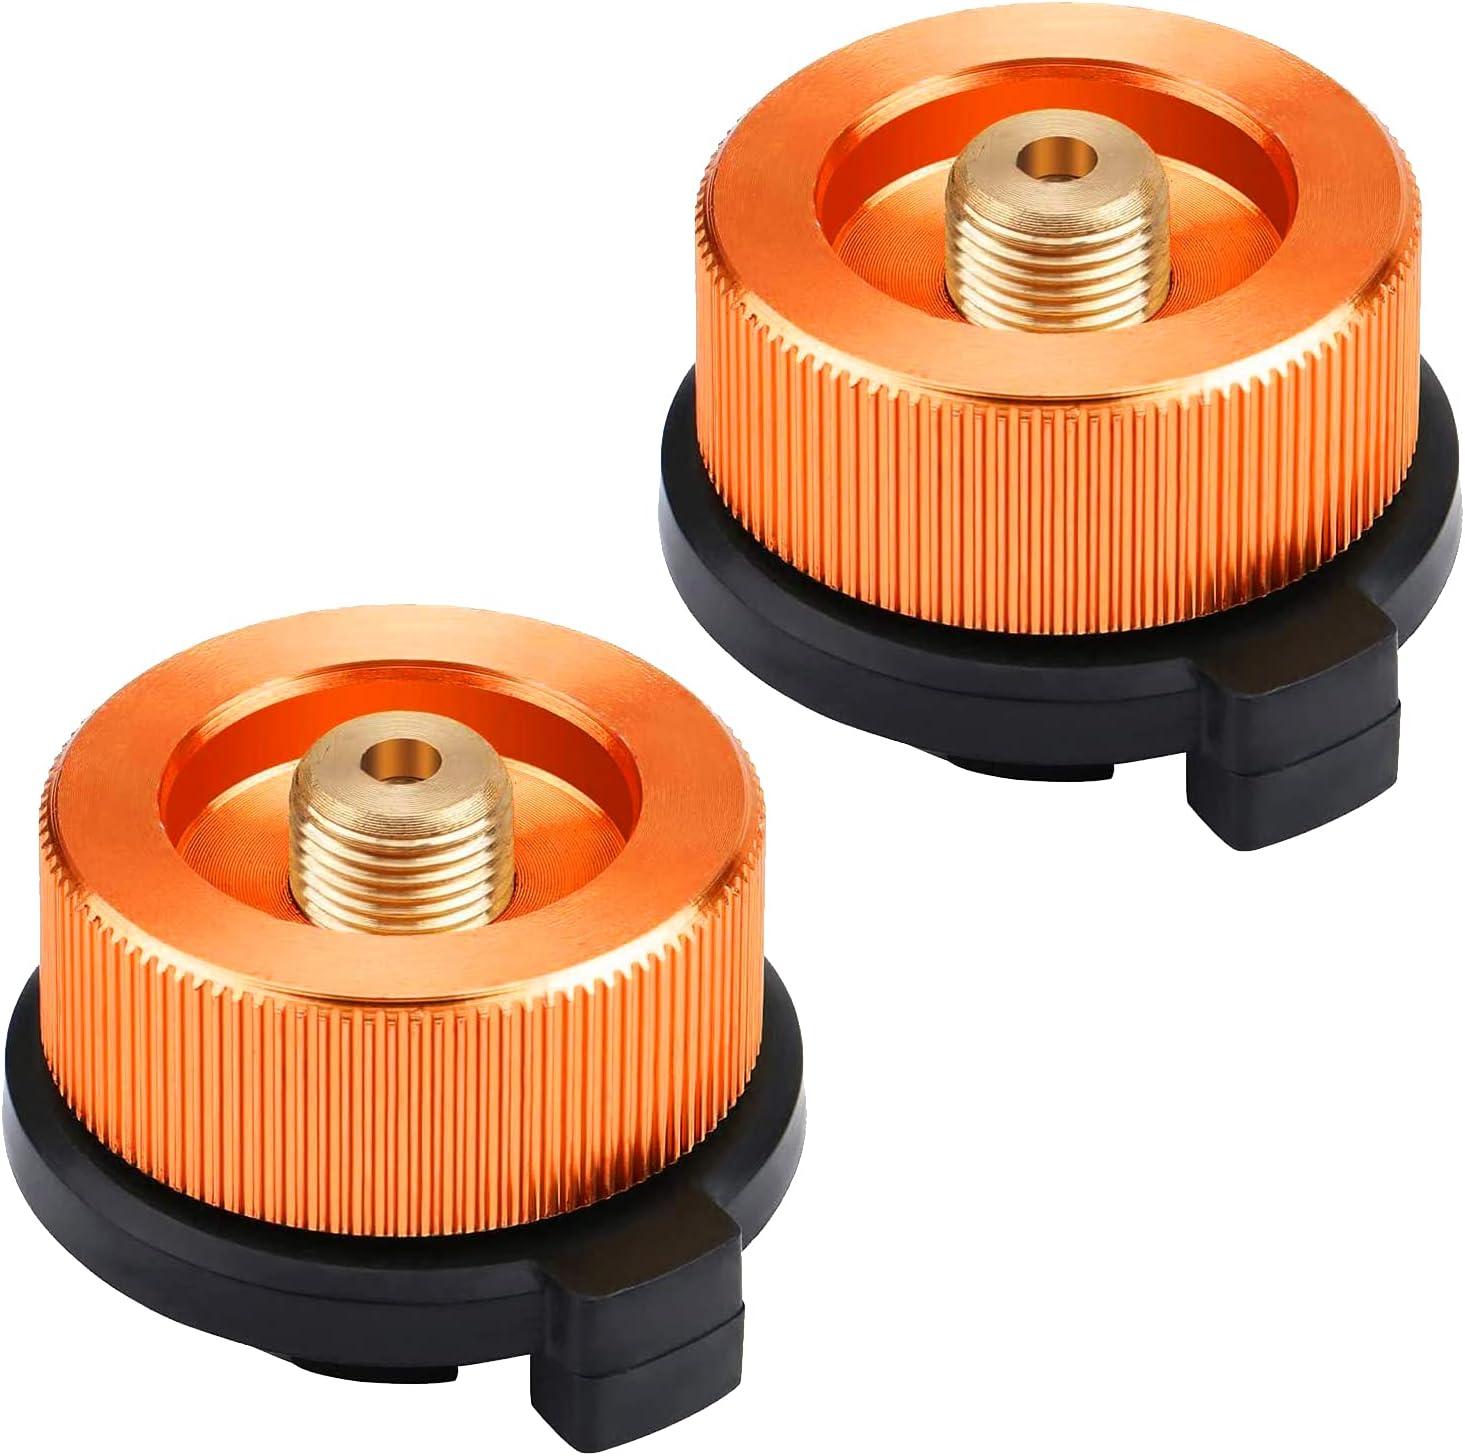 HUSZZM 2 Piezas Adaptador de Gas Adaptador de Estufa de Gas Conector Adaptador de Transferencia para Botella Gas para Acampar al Aire Libre Recipiente de Butano Atornillar Adaptador